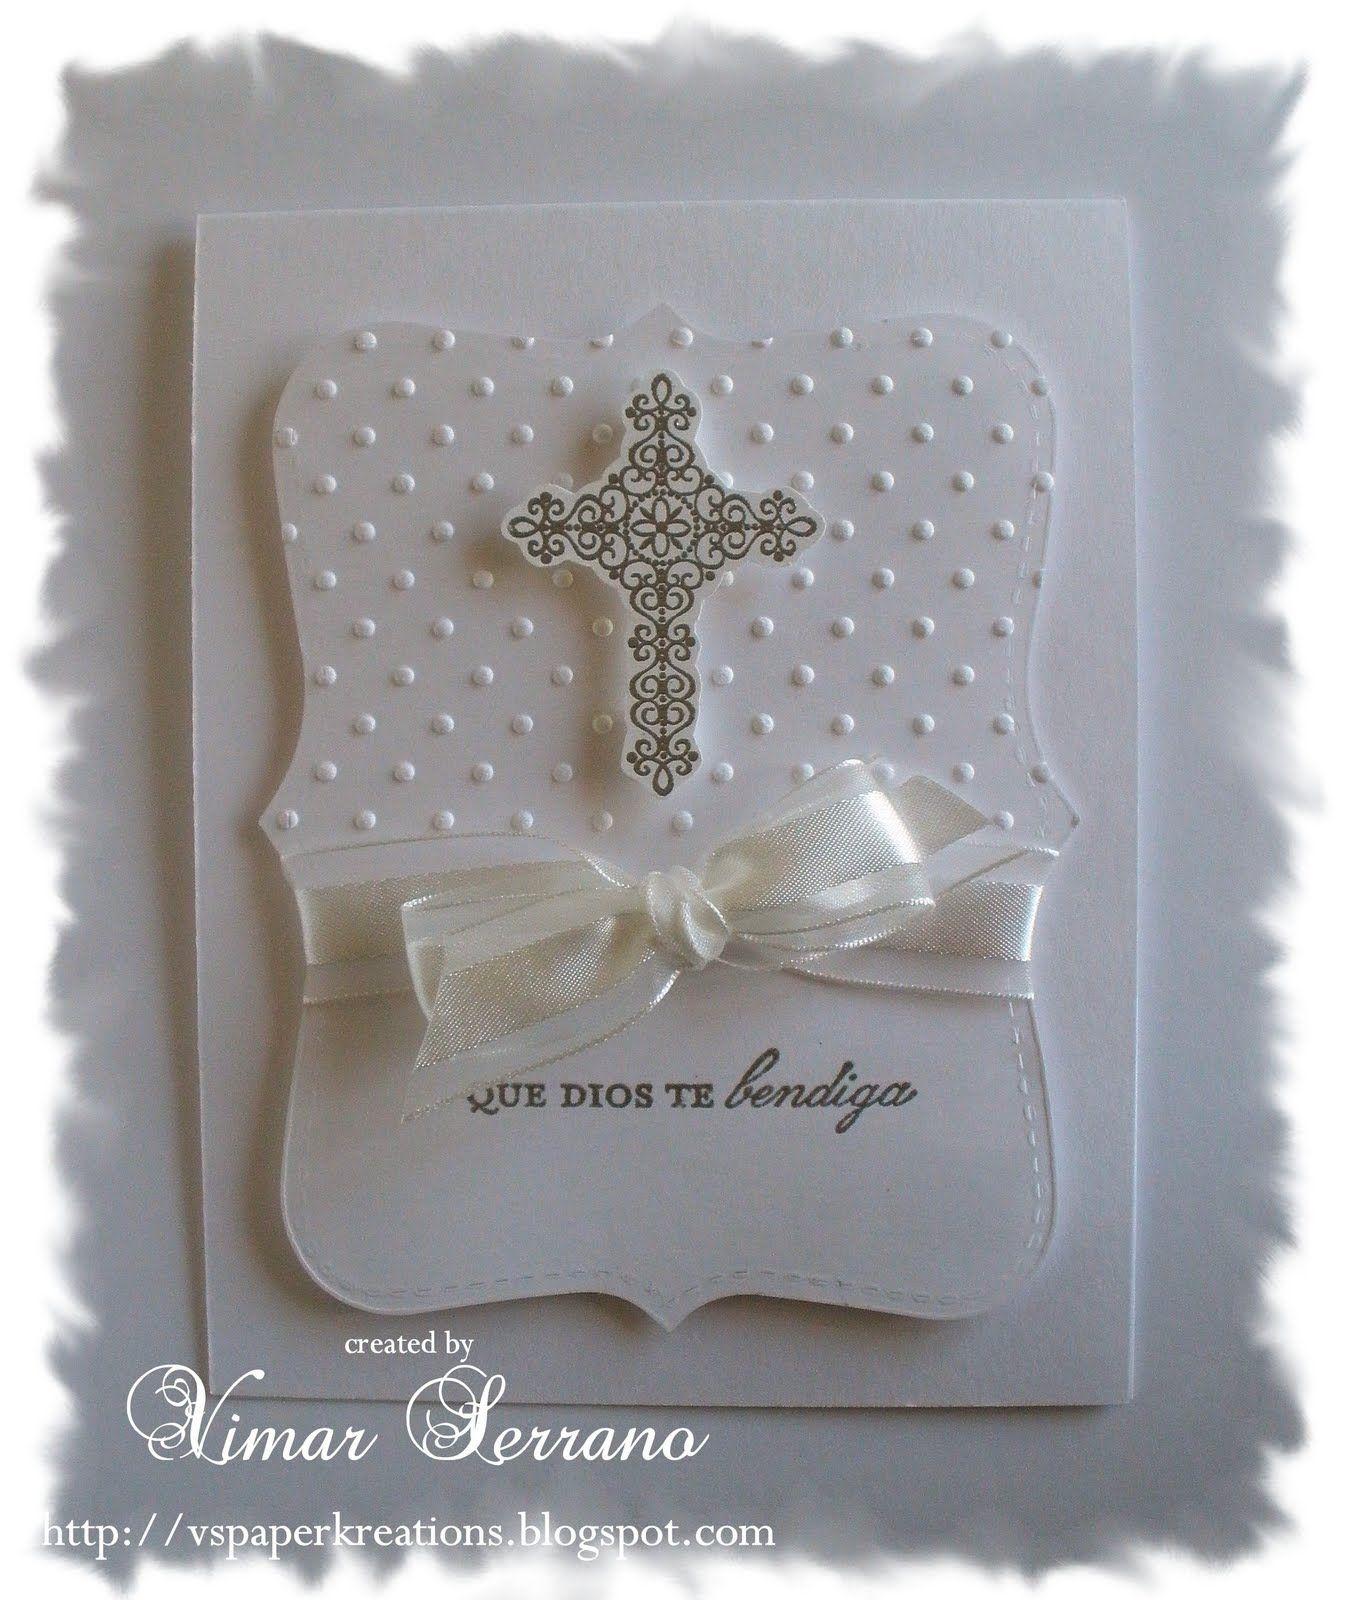 Приглашение на крестины открытка, открытки днем рождения